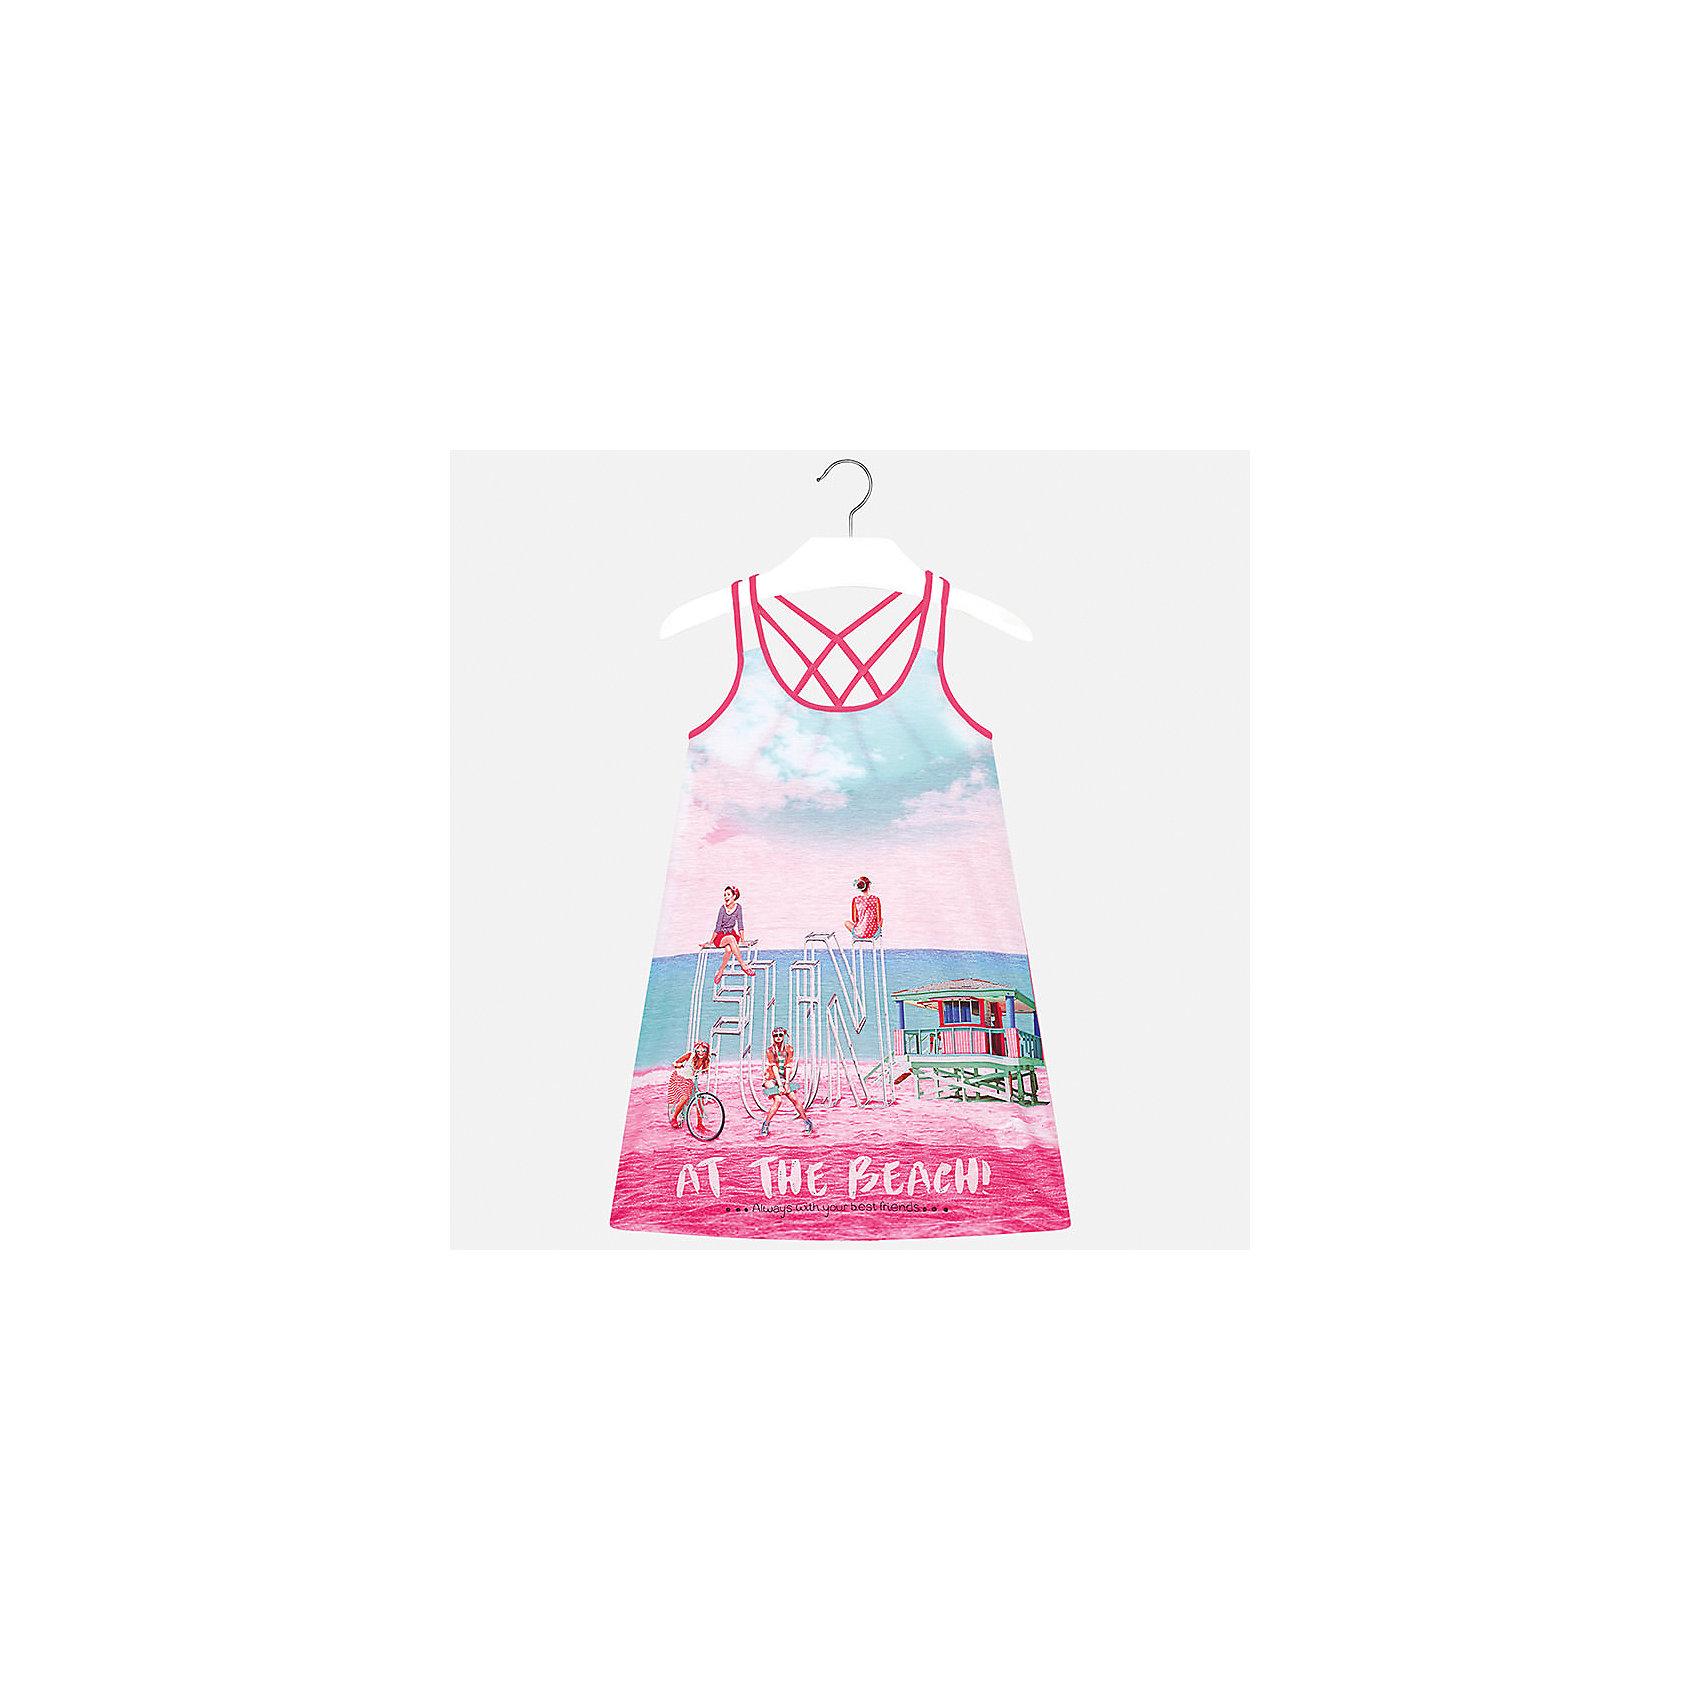 Платье для девочки MayoralПлатья и сарафаны<br>Характеристики товара:<br><br>• цвет: розовый/голубой<br>• состав: 100% полиэстер<br>• без застежки<br>• бретельки перекрещены на спине<br>• без рукавов<br>• принт<br>• страна бренда: Испания<br><br>Модное платье для девочки поможет разнообразить гардероб ребенка и создать эффектный наряд. Оно подойдет для различных случаев. Красивый оттенок позволяет подобрать к вещи обувь разных расцветок. Платье хорошо сидит по фигуре. <br><br>Одежда, обувь и аксессуары от испанского бренда Mayoral полюбились детям и взрослым по всему миру. Модели этой марки - стильные и удобные. Для их производства используются только безопасные, качественные материалы и фурнитура. Порадуйте ребенка модными и красивыми вещами от Mayoral! <br><br>Платье для девочки от испанского бренда Mayoral (Майорал) можно купить в нашем интернет-магазине.<br><br>Ширина мм: 236<br>Глубина мм: 16<br>Высота мм: 184<br>Вес г: 177<br>Цвет: фиолетовый<br>Возраст от месяцев: 168<br>Возраст до месяцев: 180<br>Пол: Женский<br>Возраст: Детский<br>Размер: 170,152,128/134,140,158,164<br>SKU: 5293362